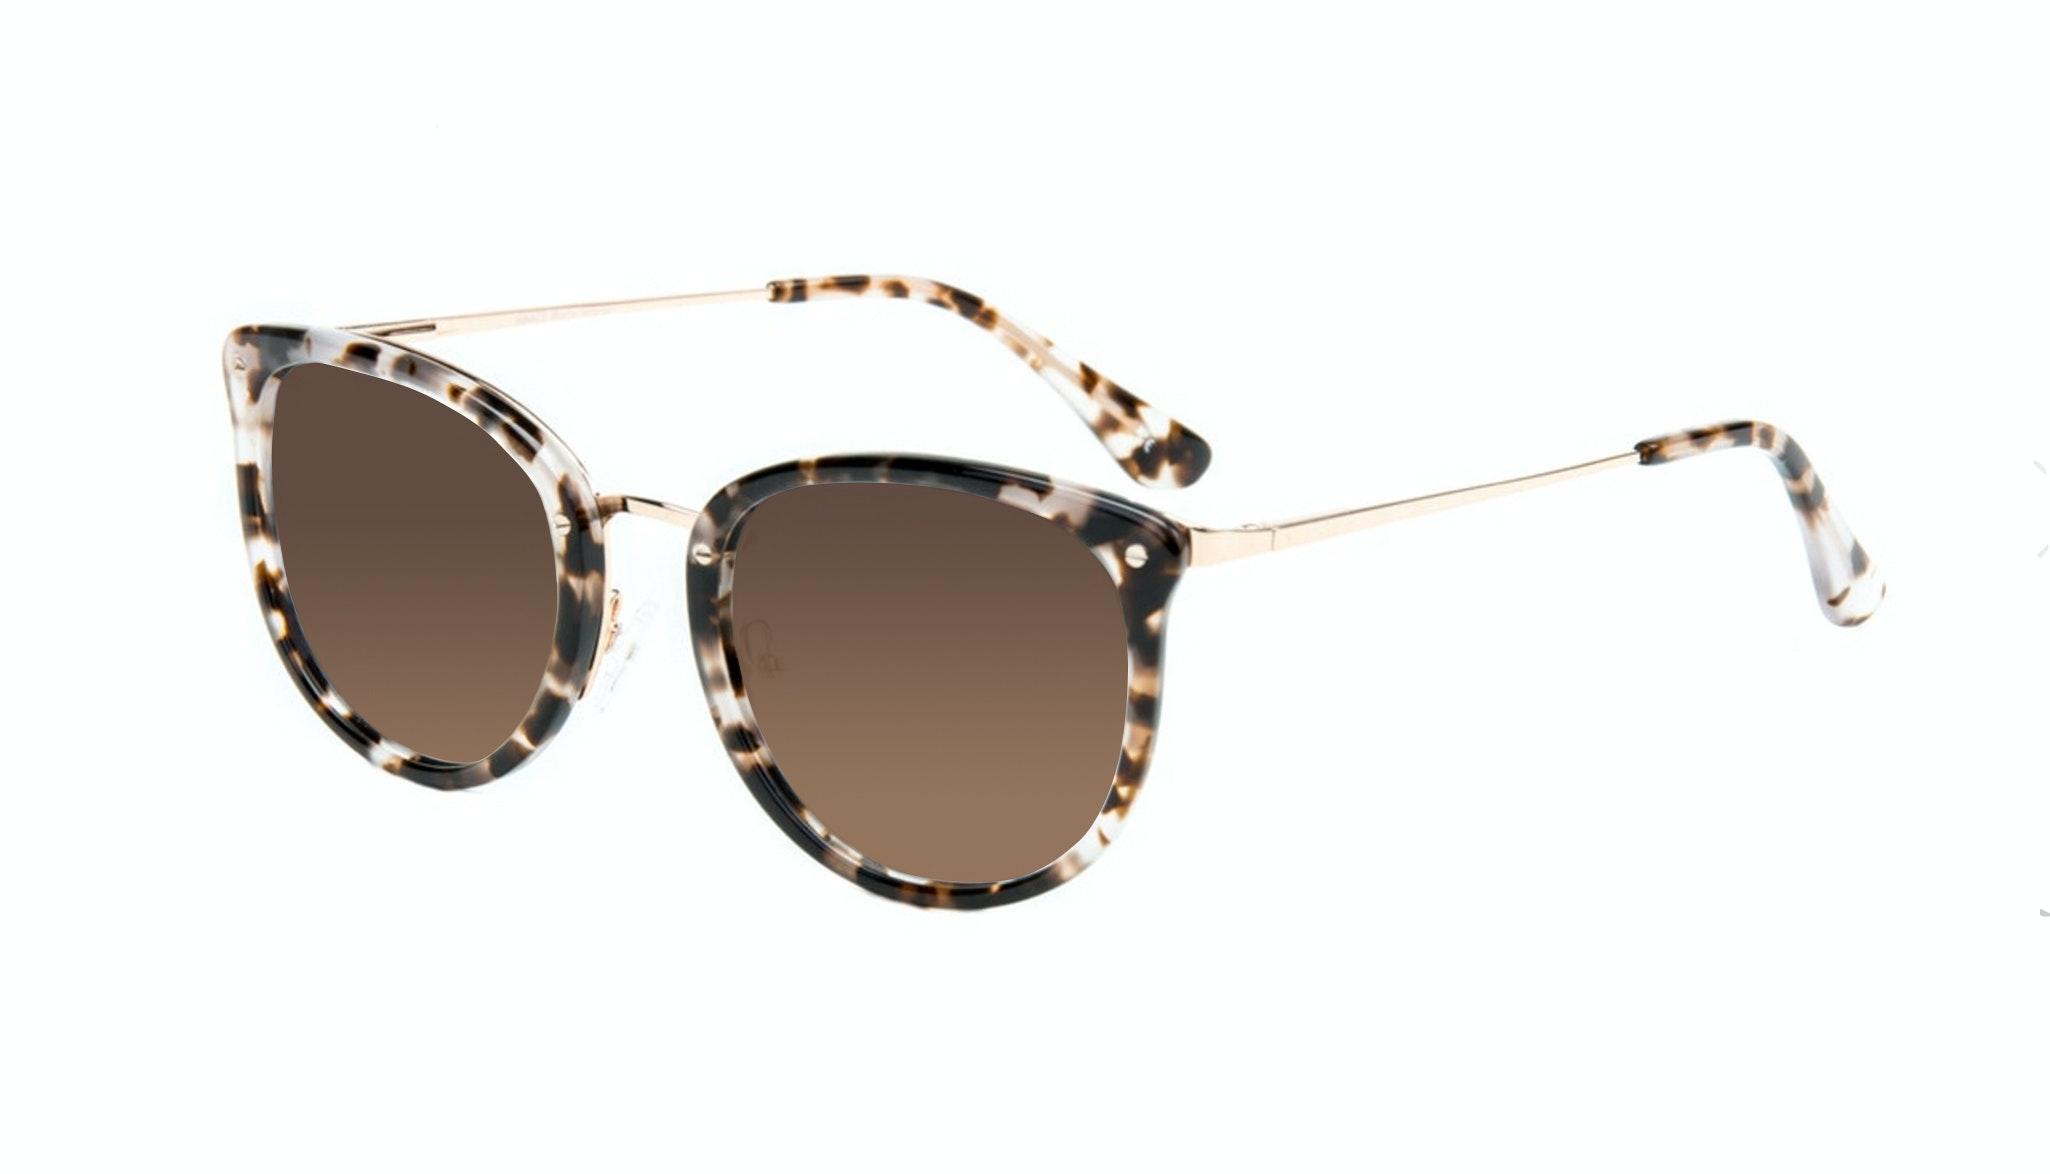 Affordable Fashion Glasses Square Round Sunglasses Women Amaze Mocha Tortoise Tilt